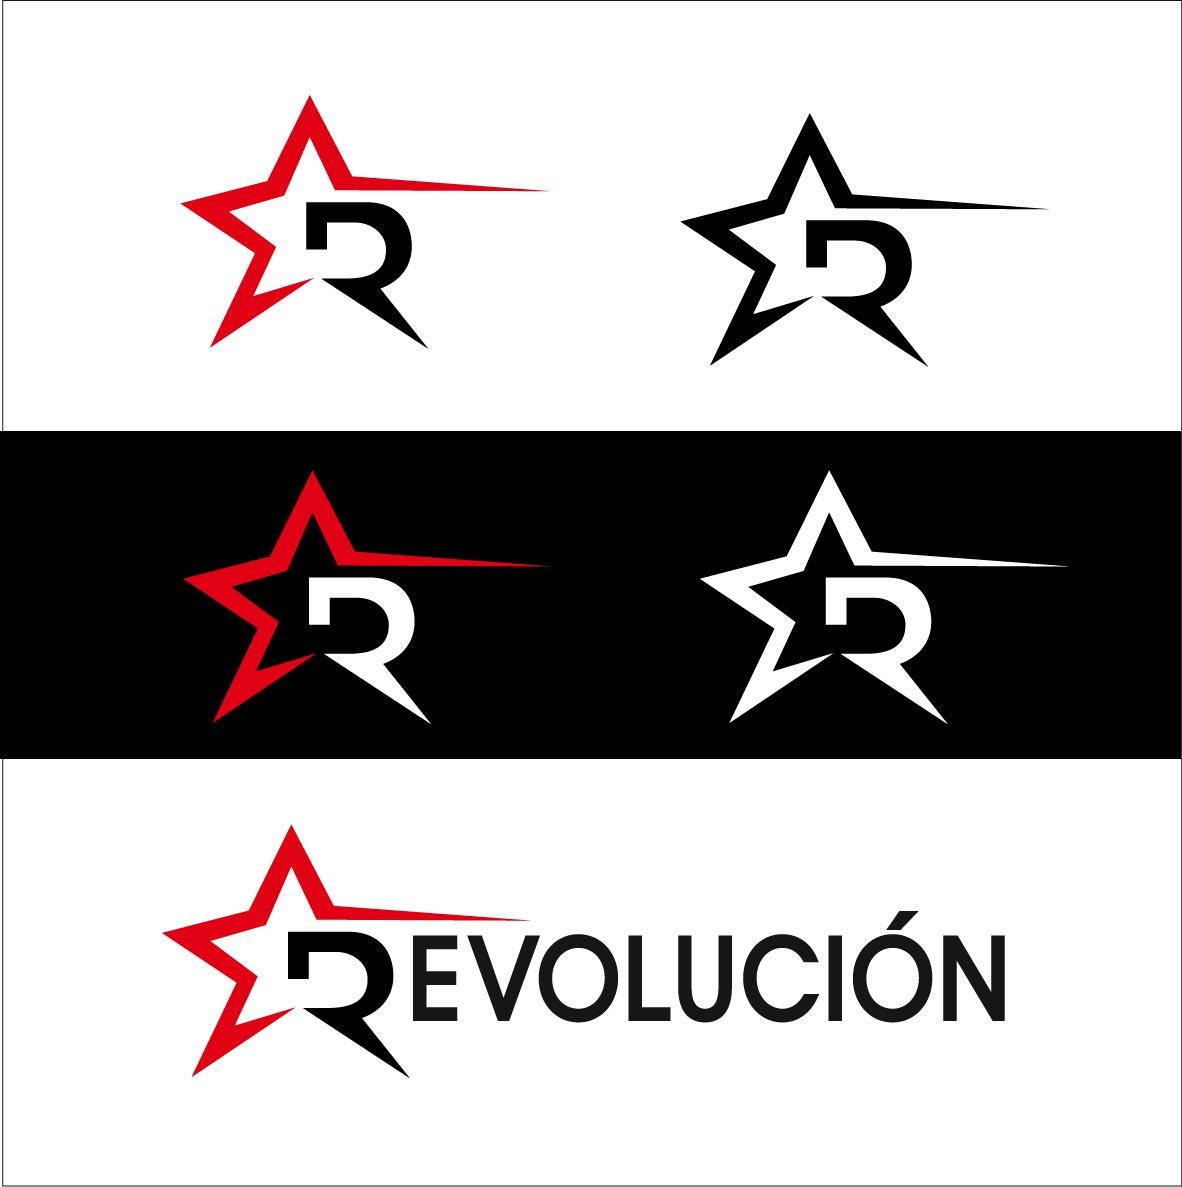 Разработка логотипа и фир. стиля агенству Revolución фото f_4fbcc60d09294.jpg